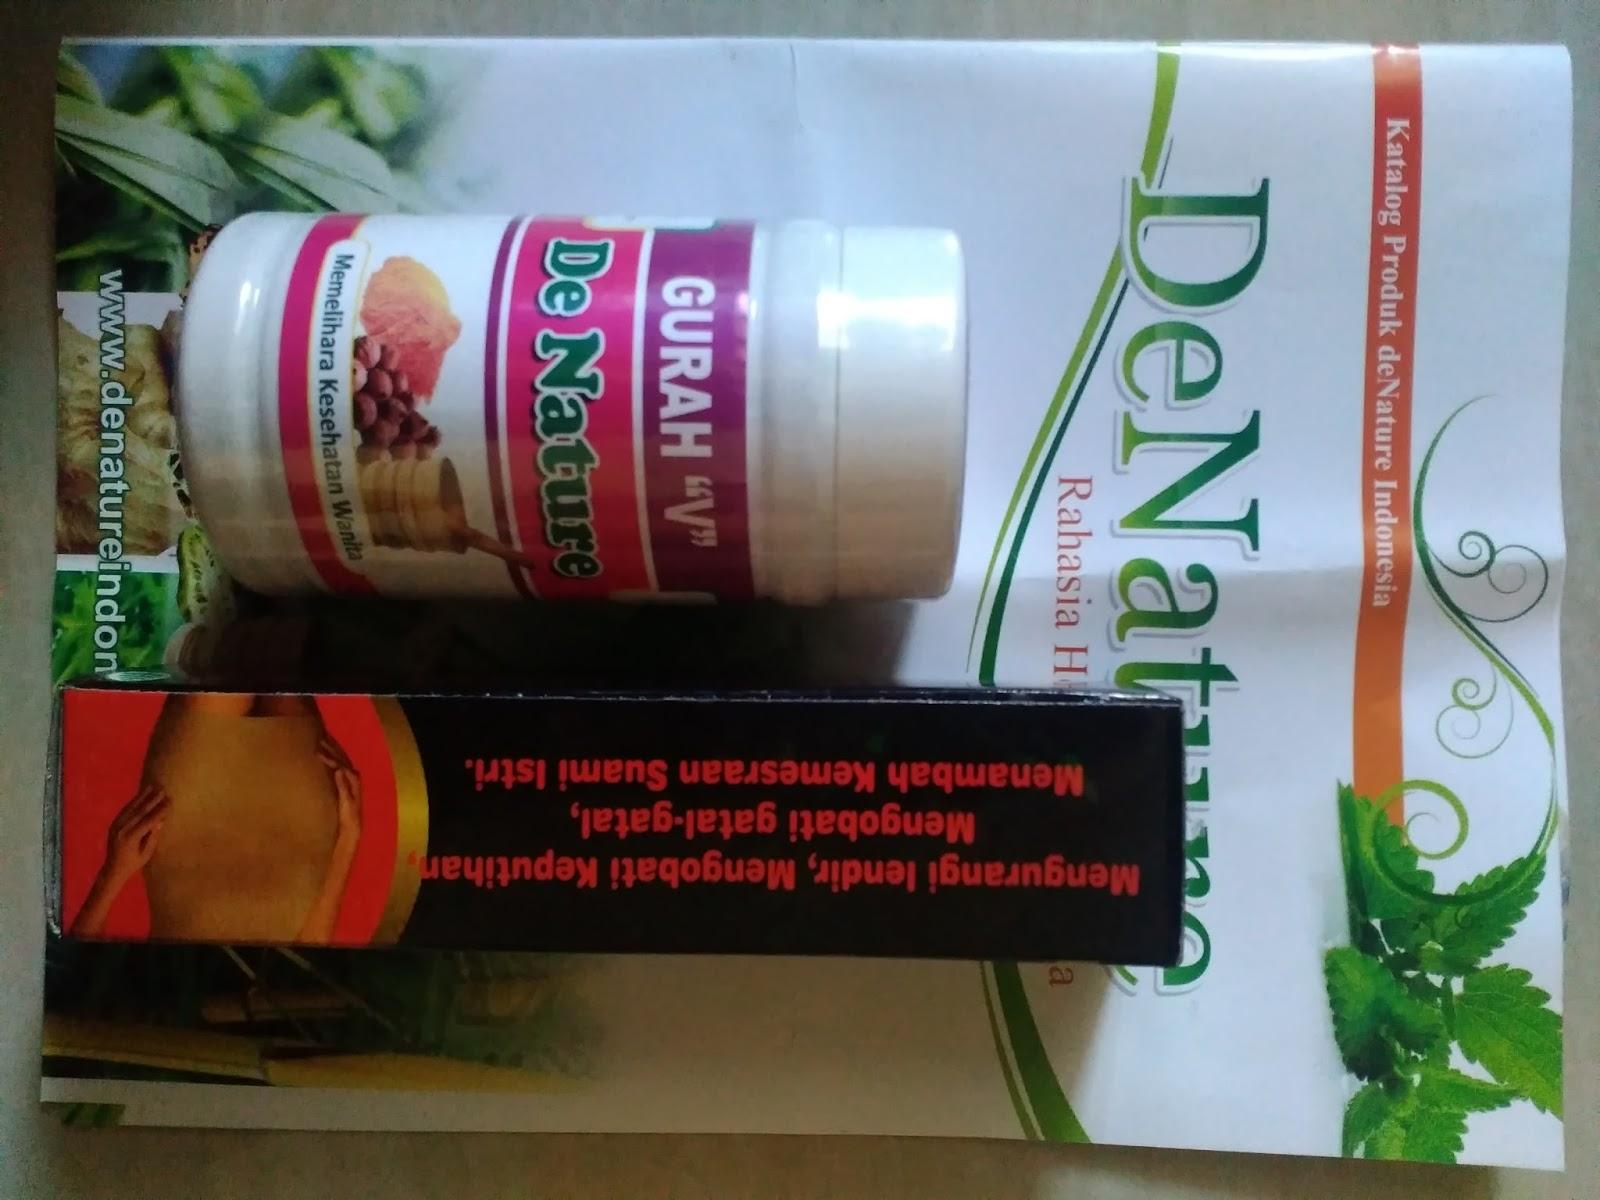 obat keputihan yang bau dan gatal